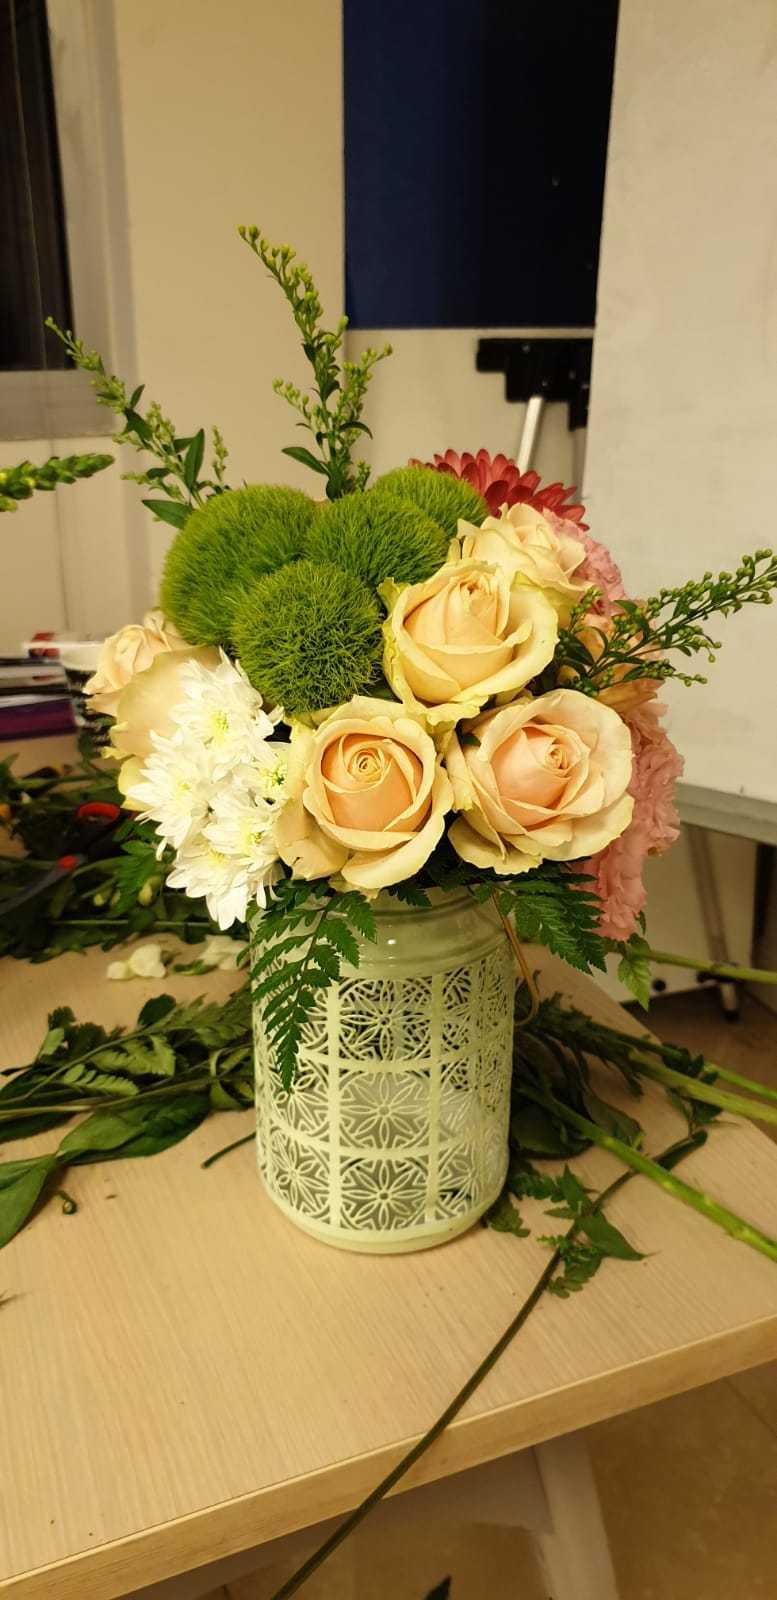 גלרייה - שיעור שזירת פרחים - קורס הפקת אירועים מחזור 23, 14 מתוך 32